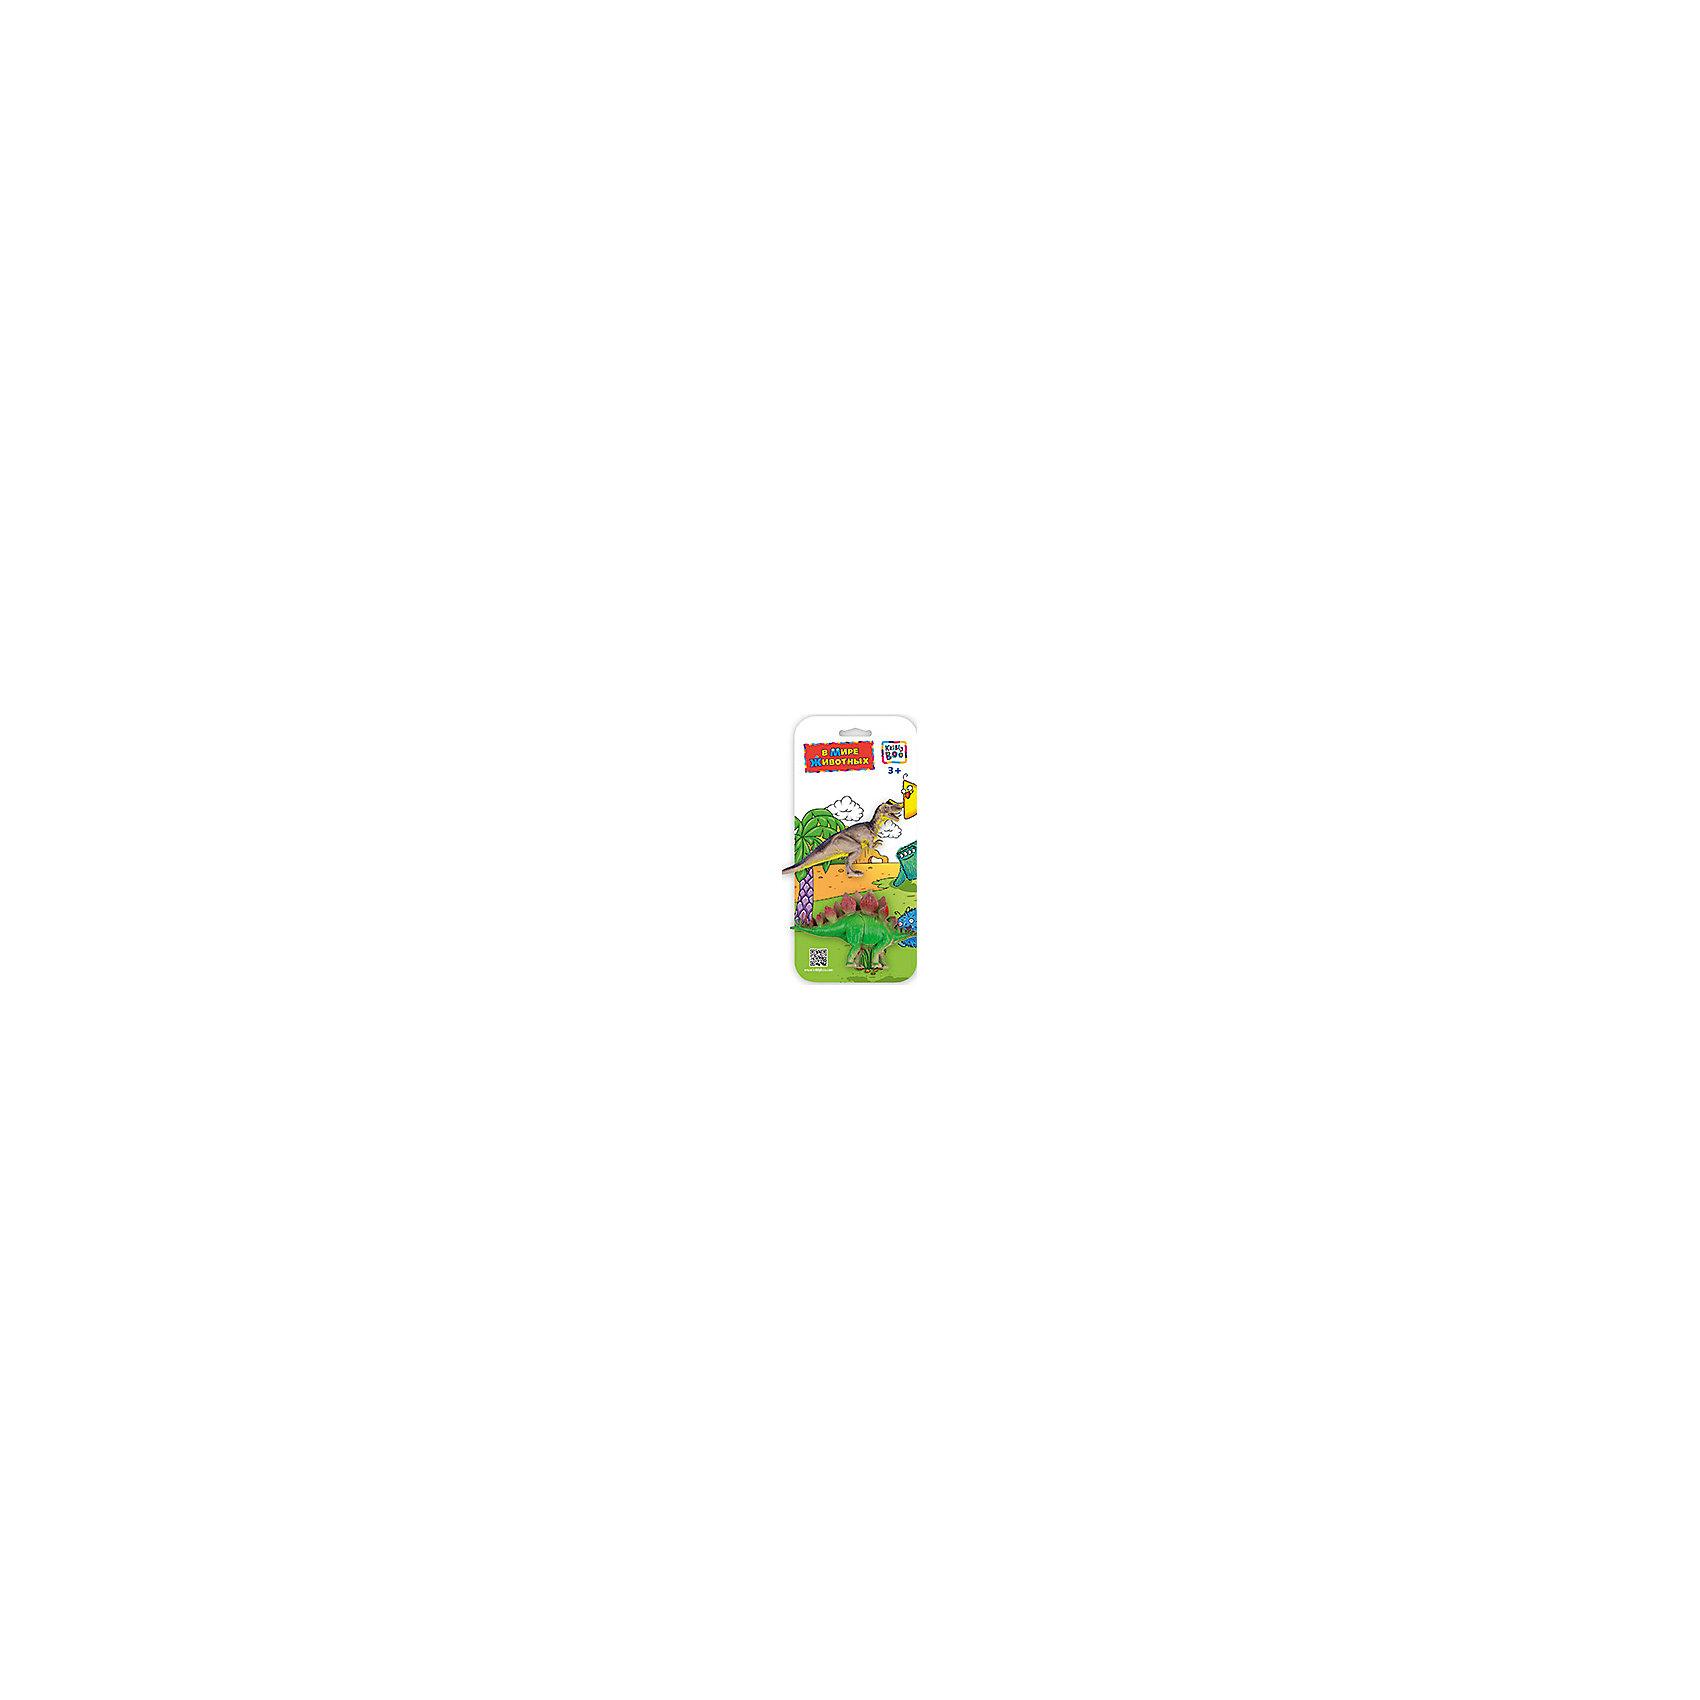 Фигурки зверей В Мире Животных, Аллозавр и Стегозавра, Kribly BooРазвивающие игрушки<br>Фигурки зверей В Мире Животных, Аллозавр и Стегозавр, Kribly Boo (Крибли Бу). <br><br>Характеристика:<br><br>• Материал: пластик. <br>• Размер упаковки: 26х12х3 см. <br>• 2 фигурки в наборе. <br>• Фигурки хорошо детализированы и реалистично раскрашены. <br><br>Собери свою коллекцию животных вместе с Kribly Boo. В наборе представлены фигурки аллозавра и стегозавра. Придумывай увлекательные истории из жизни динозавров, узнай, где они обитали и чем питались. Игрушки прекрасно детализированы и реалистично раскрашены, изготовлены из высококачественных материалов безопасных для детей. <br><br>Фигурки зверей В Мире Животных, Аллозавра и Стегозавра, Kribly Boo (Крибли Бу), можно купить в нашем магазине.<br><br>Ширина мм: 260<br>Глубина мм: 30<br>Высота мм: 120<br>Вес г: 20<br>Возраст от месяцев: 60<br>Возраст до месяцев: 120<br>Пол: Унисекс<br>Возраст: Детский<br>SKU: 5059087